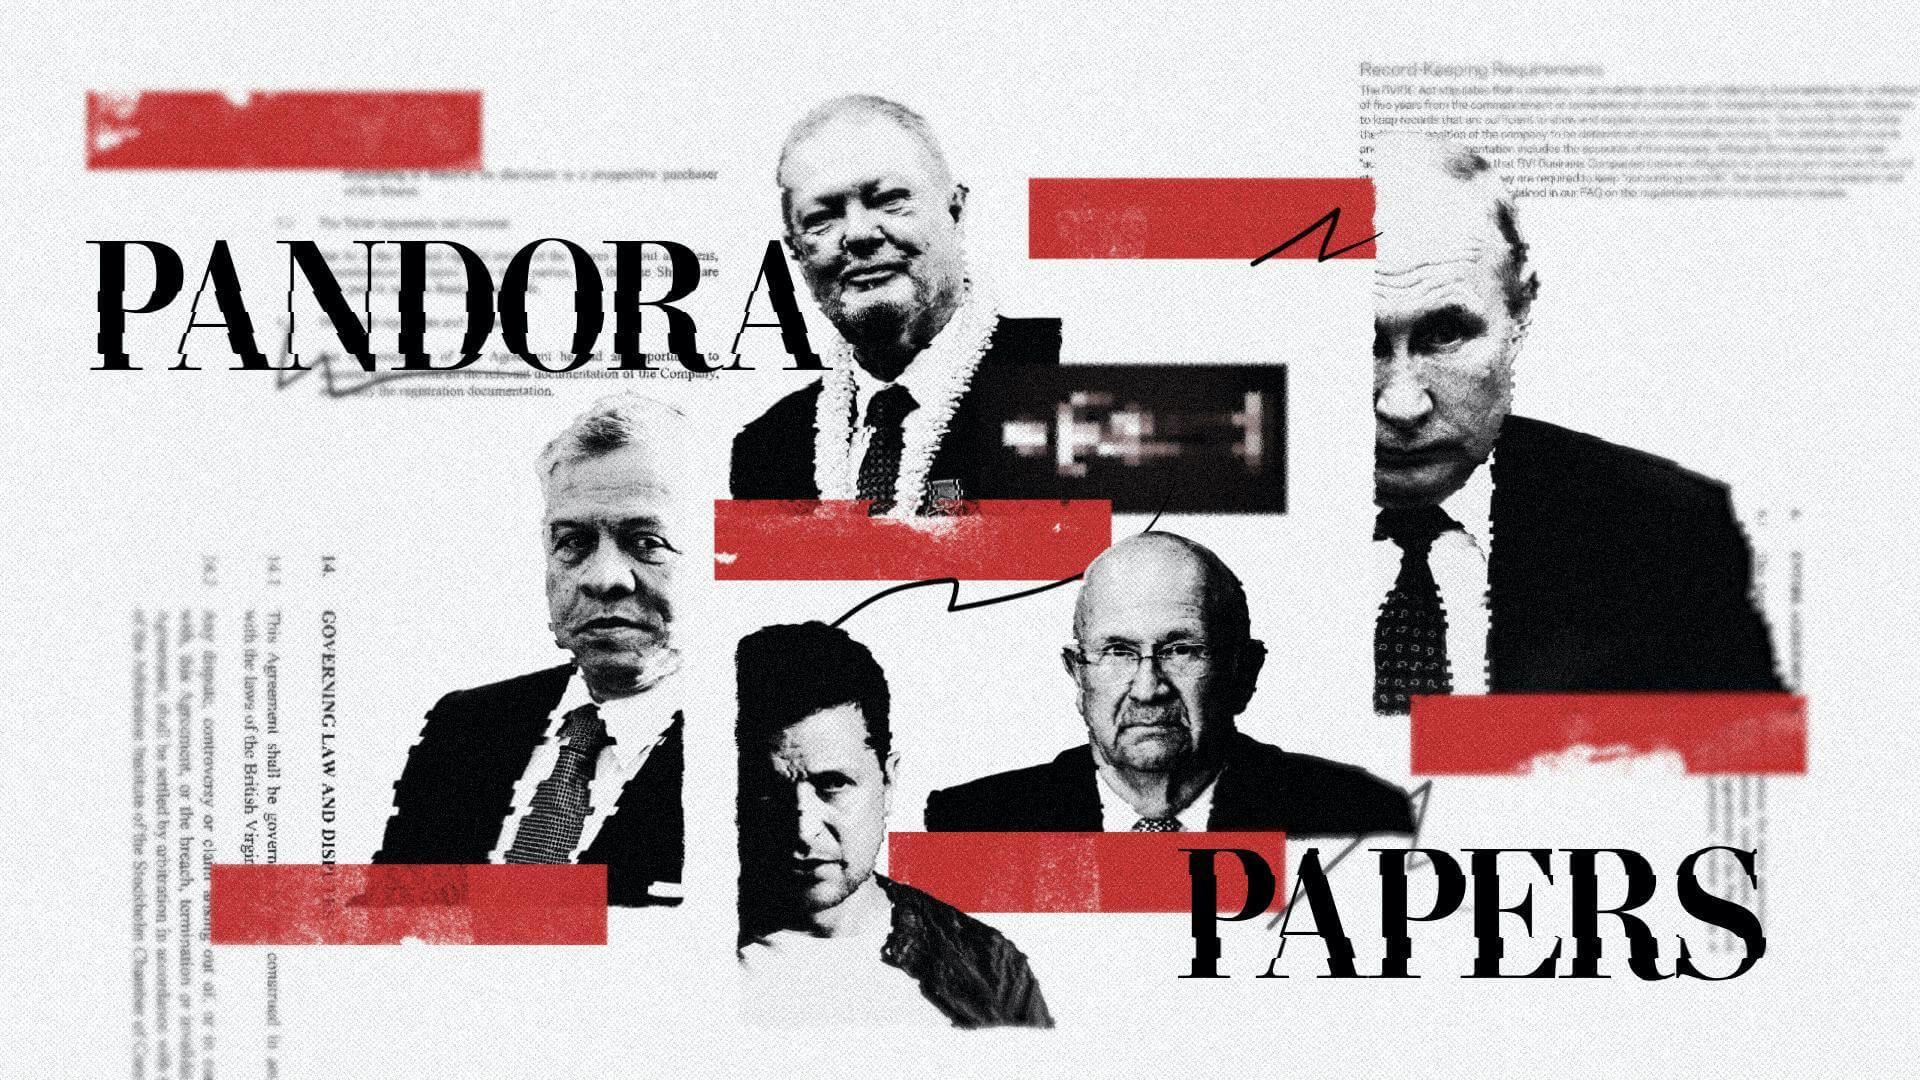 Пандорагейт: за скандалом и хайпом как-то забывается другое, главное